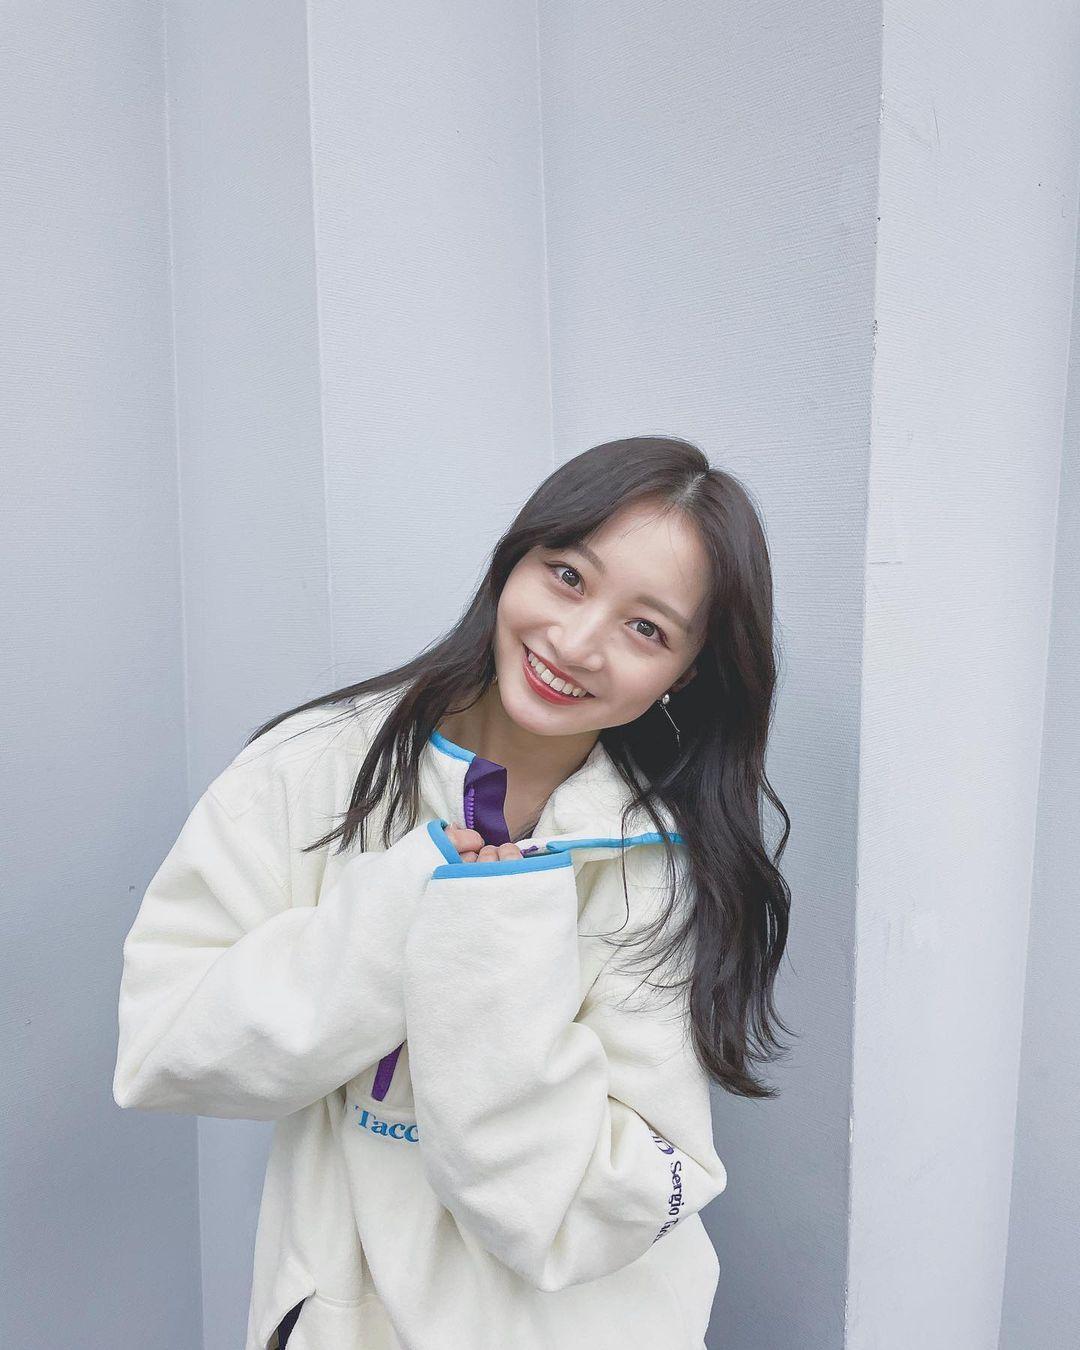 NMB48次世代王牌山本彩加引退转当护理师超暖原因让人更爱她了 网络美女 第3张